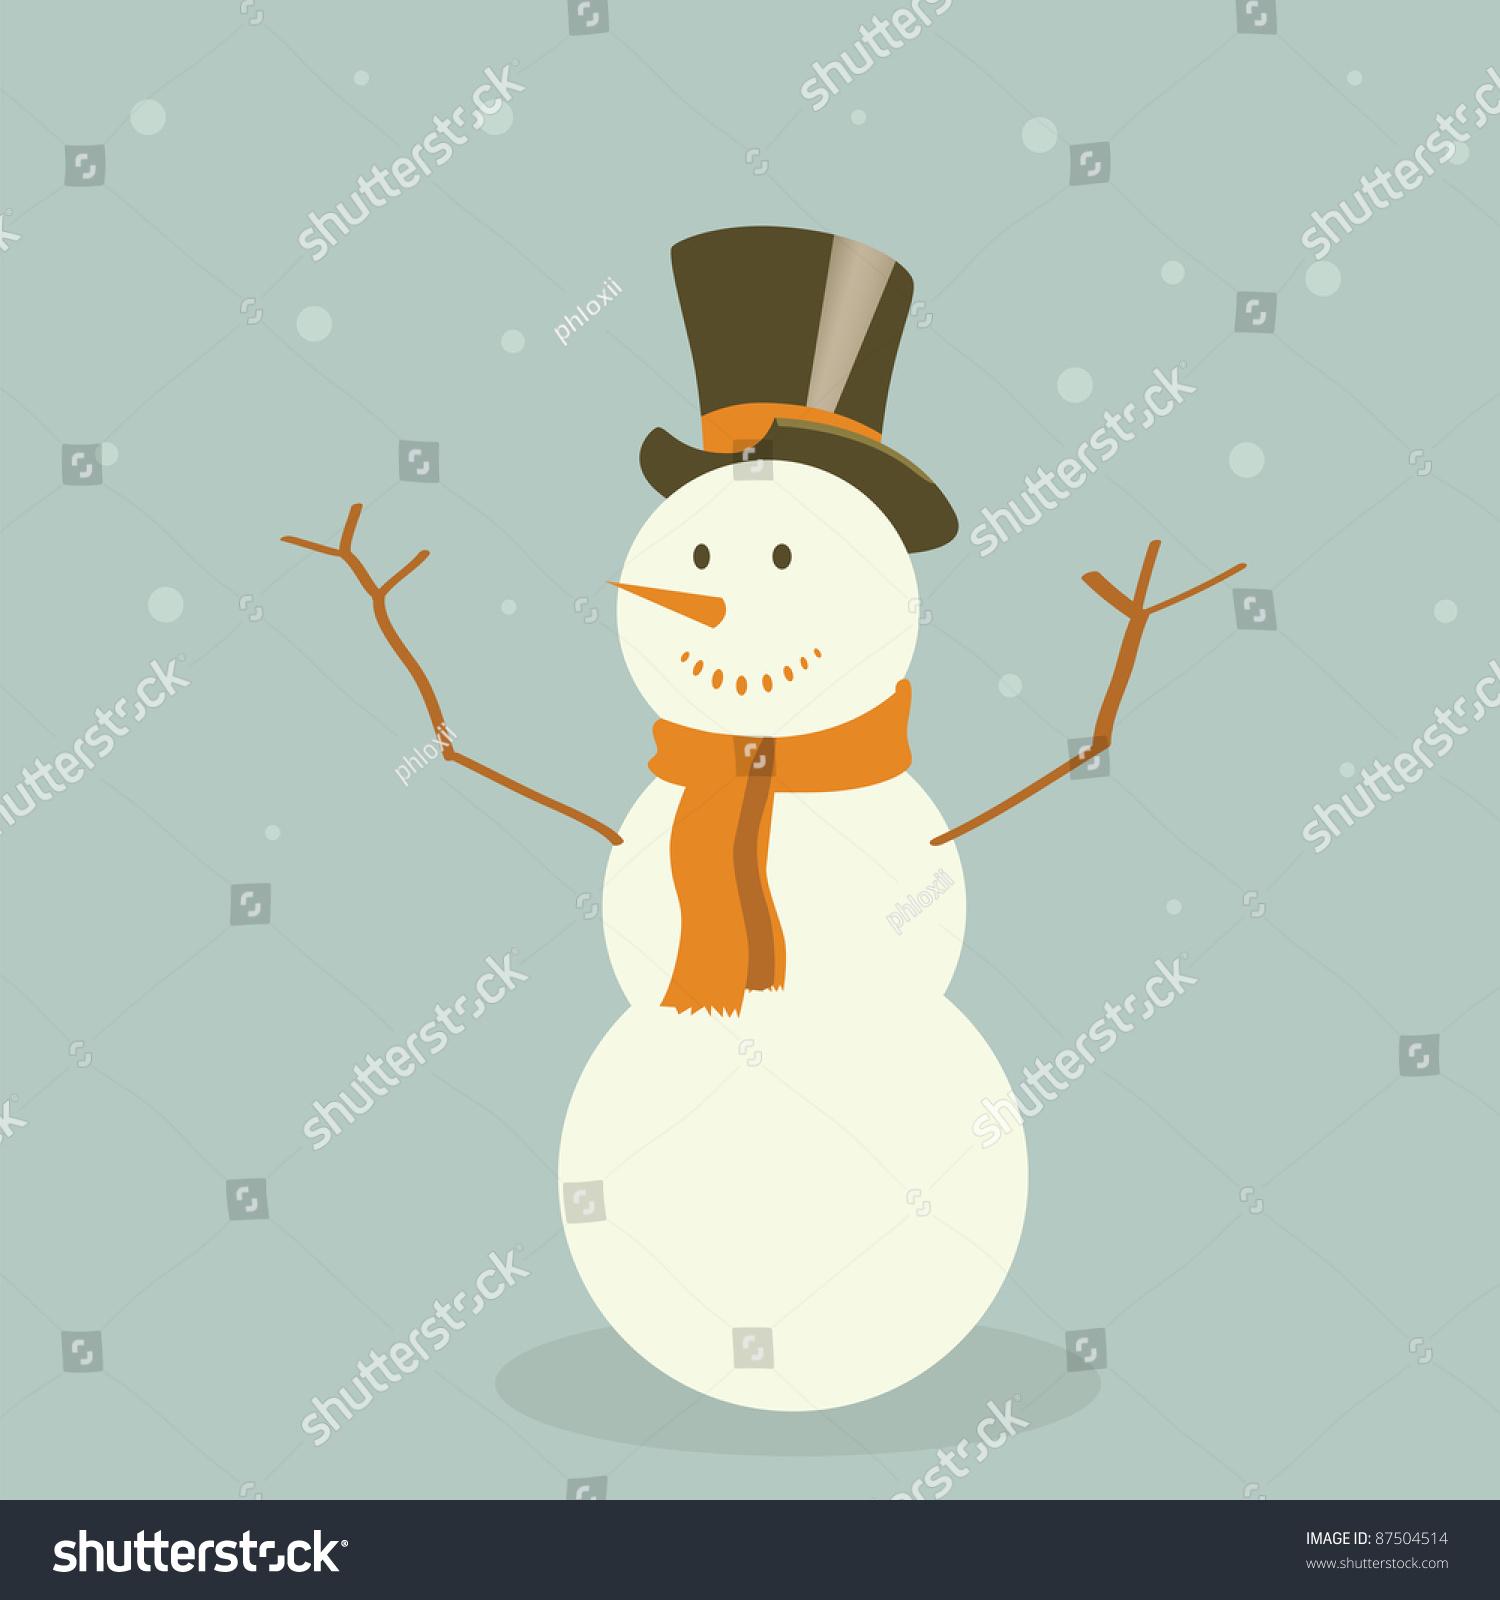 vintage snowman clipart - photo #17